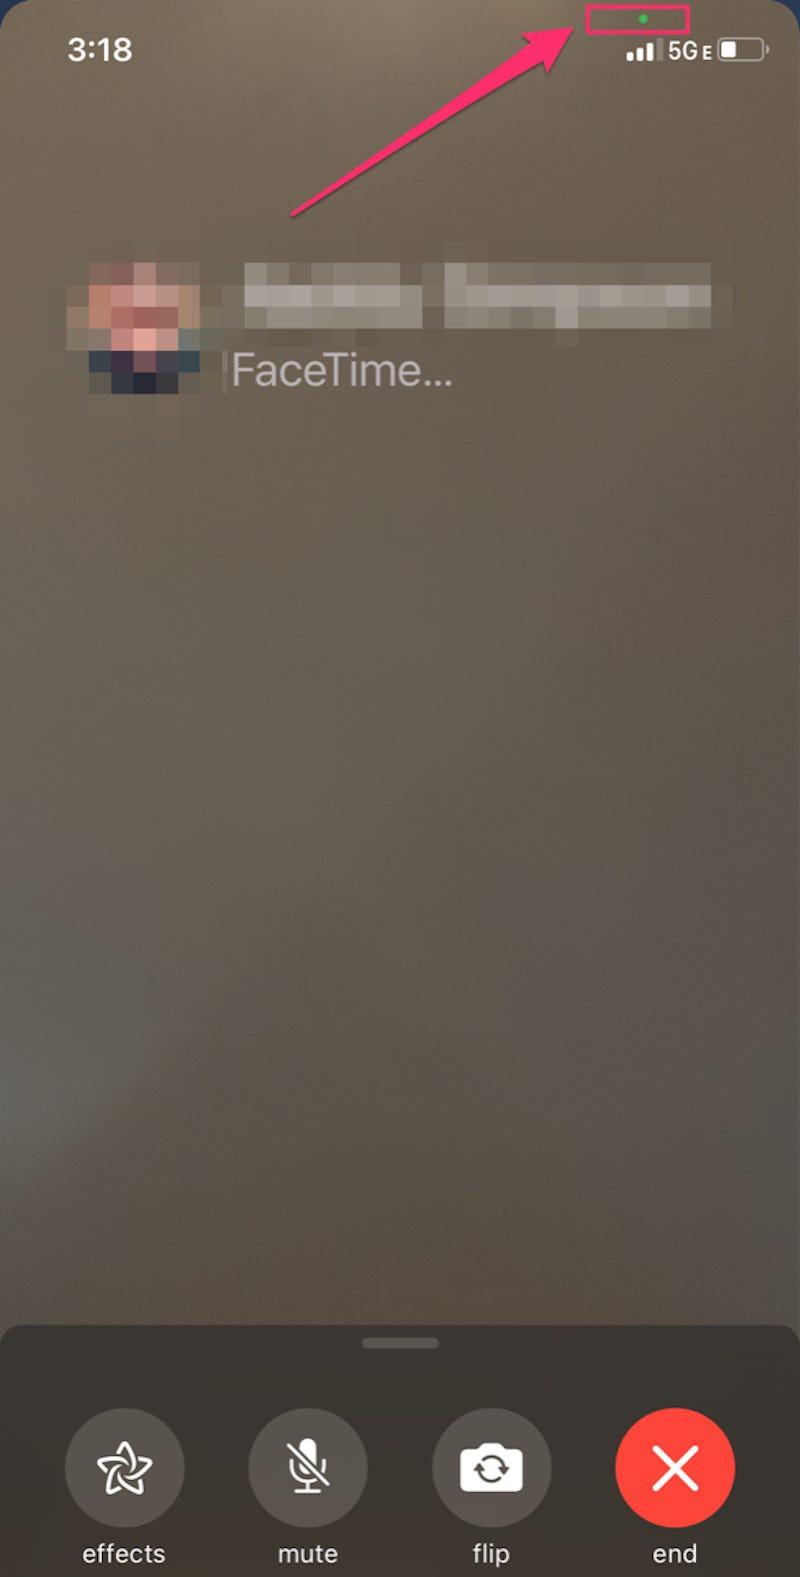 Các chấm màu xanh lá cây và màu cam trên iPhone là gì? ảnh 3